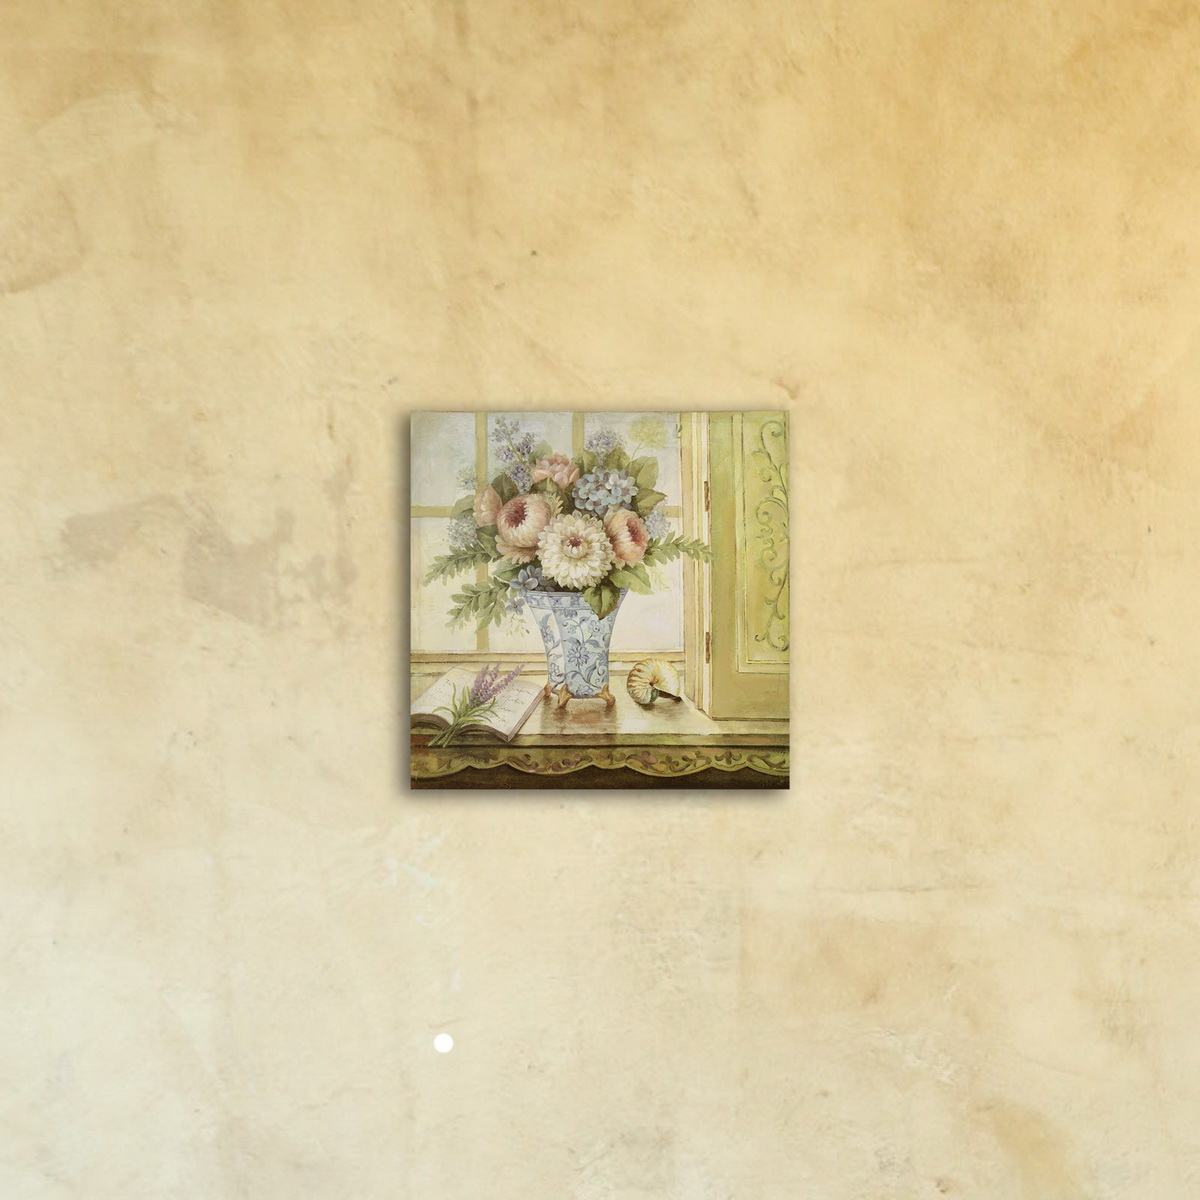 Картина на стену под стеклом «Натюрморт с ракушкой»